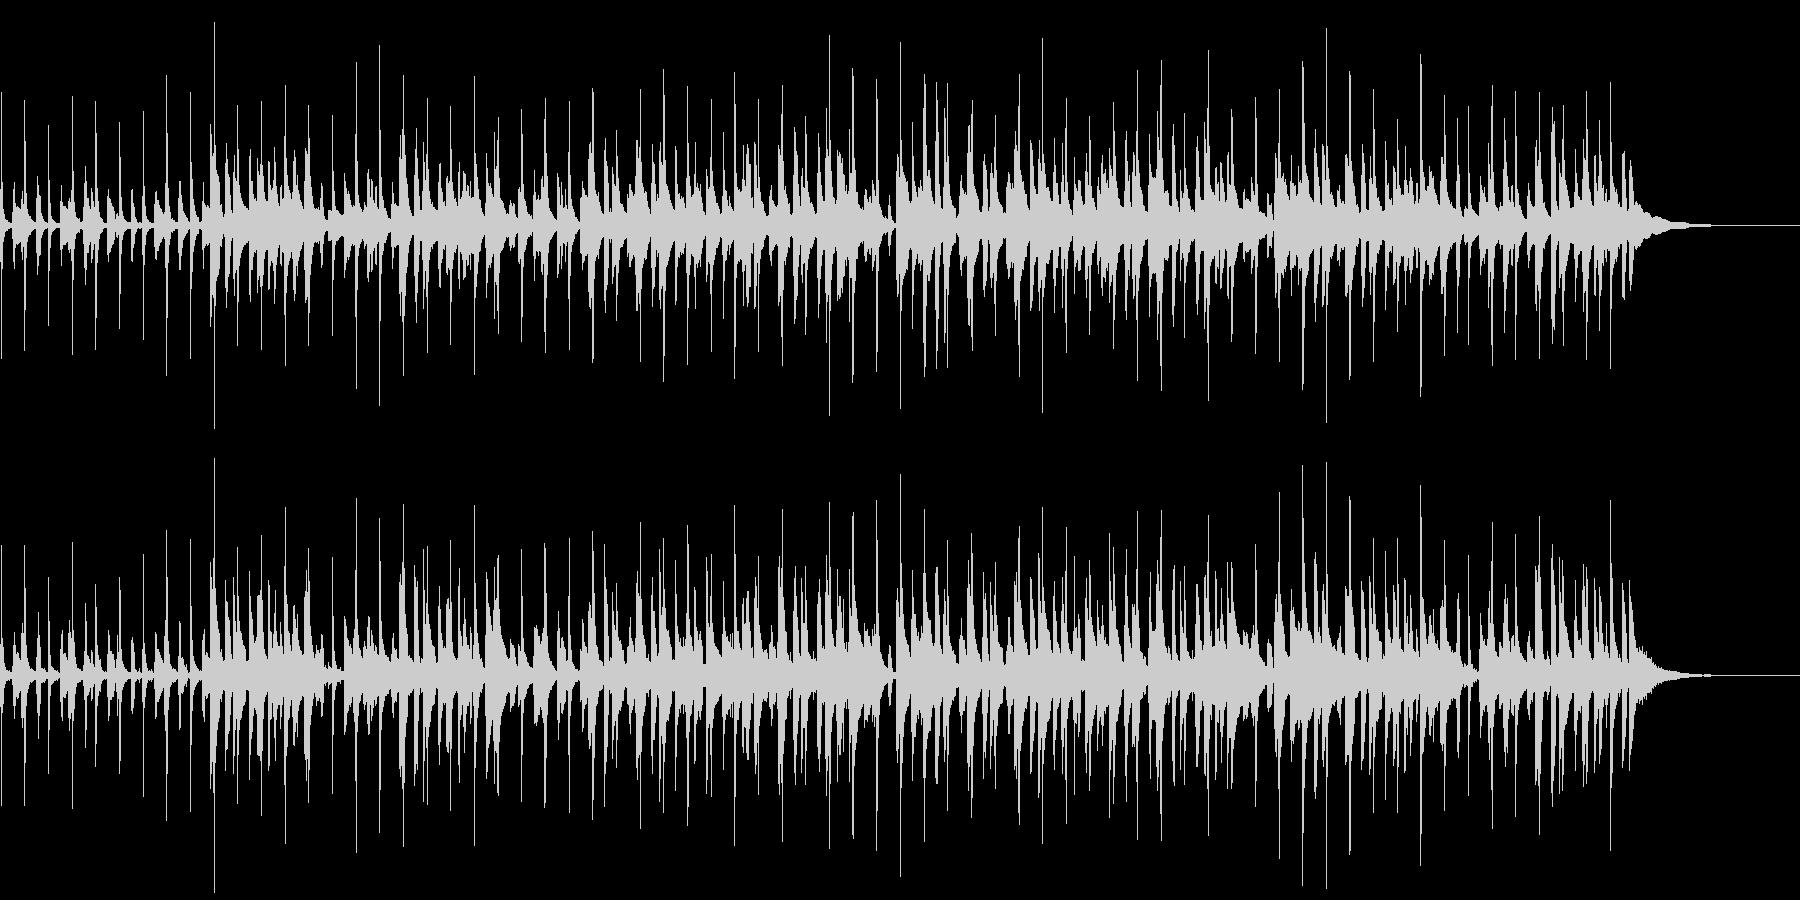 のんびりホリデイの未再生の波形